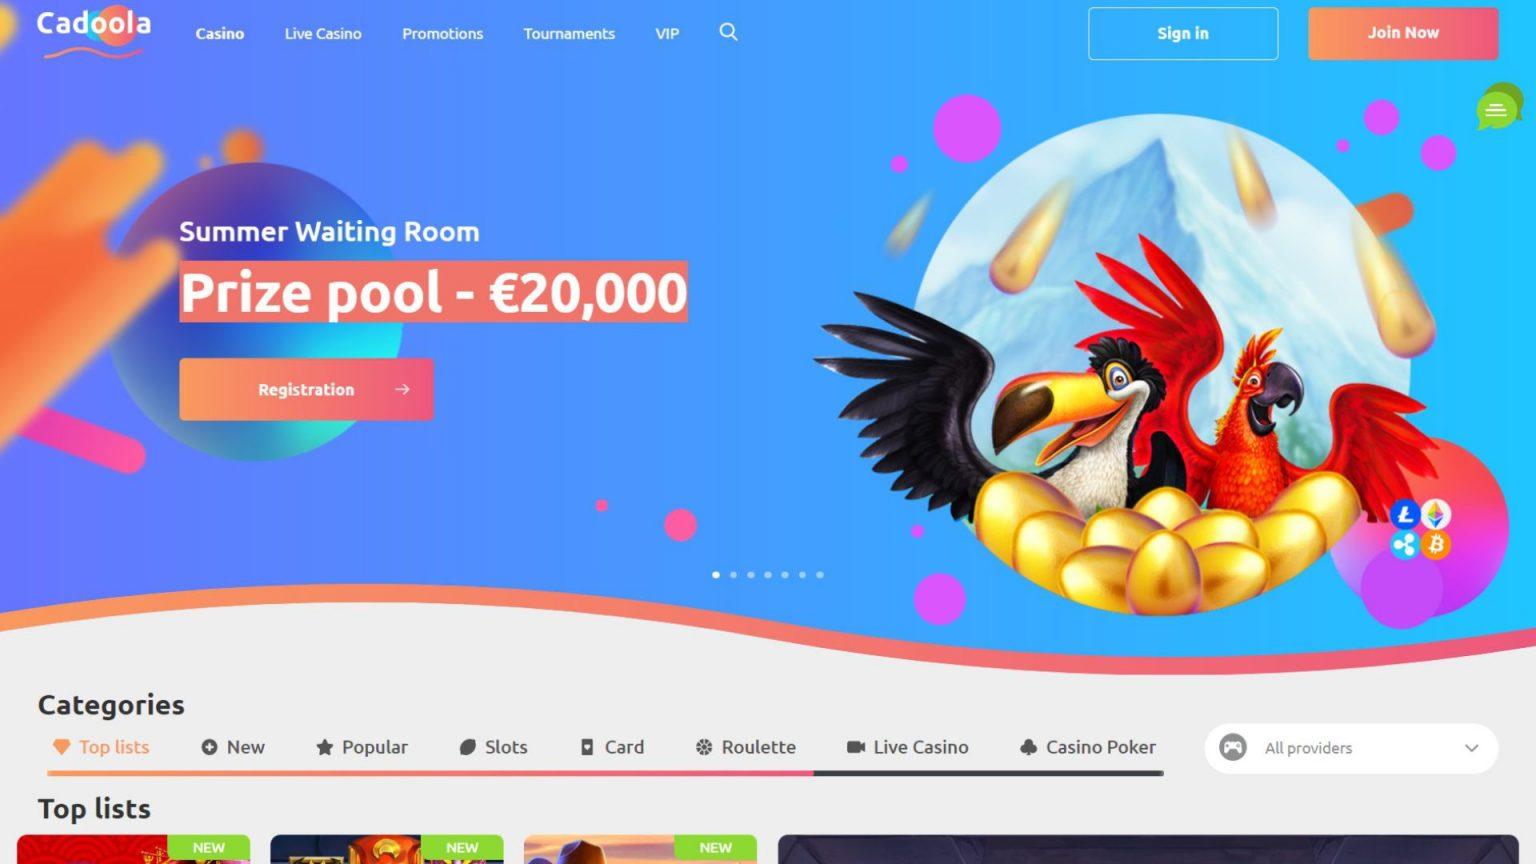 Cadoola Casino Bonus Review